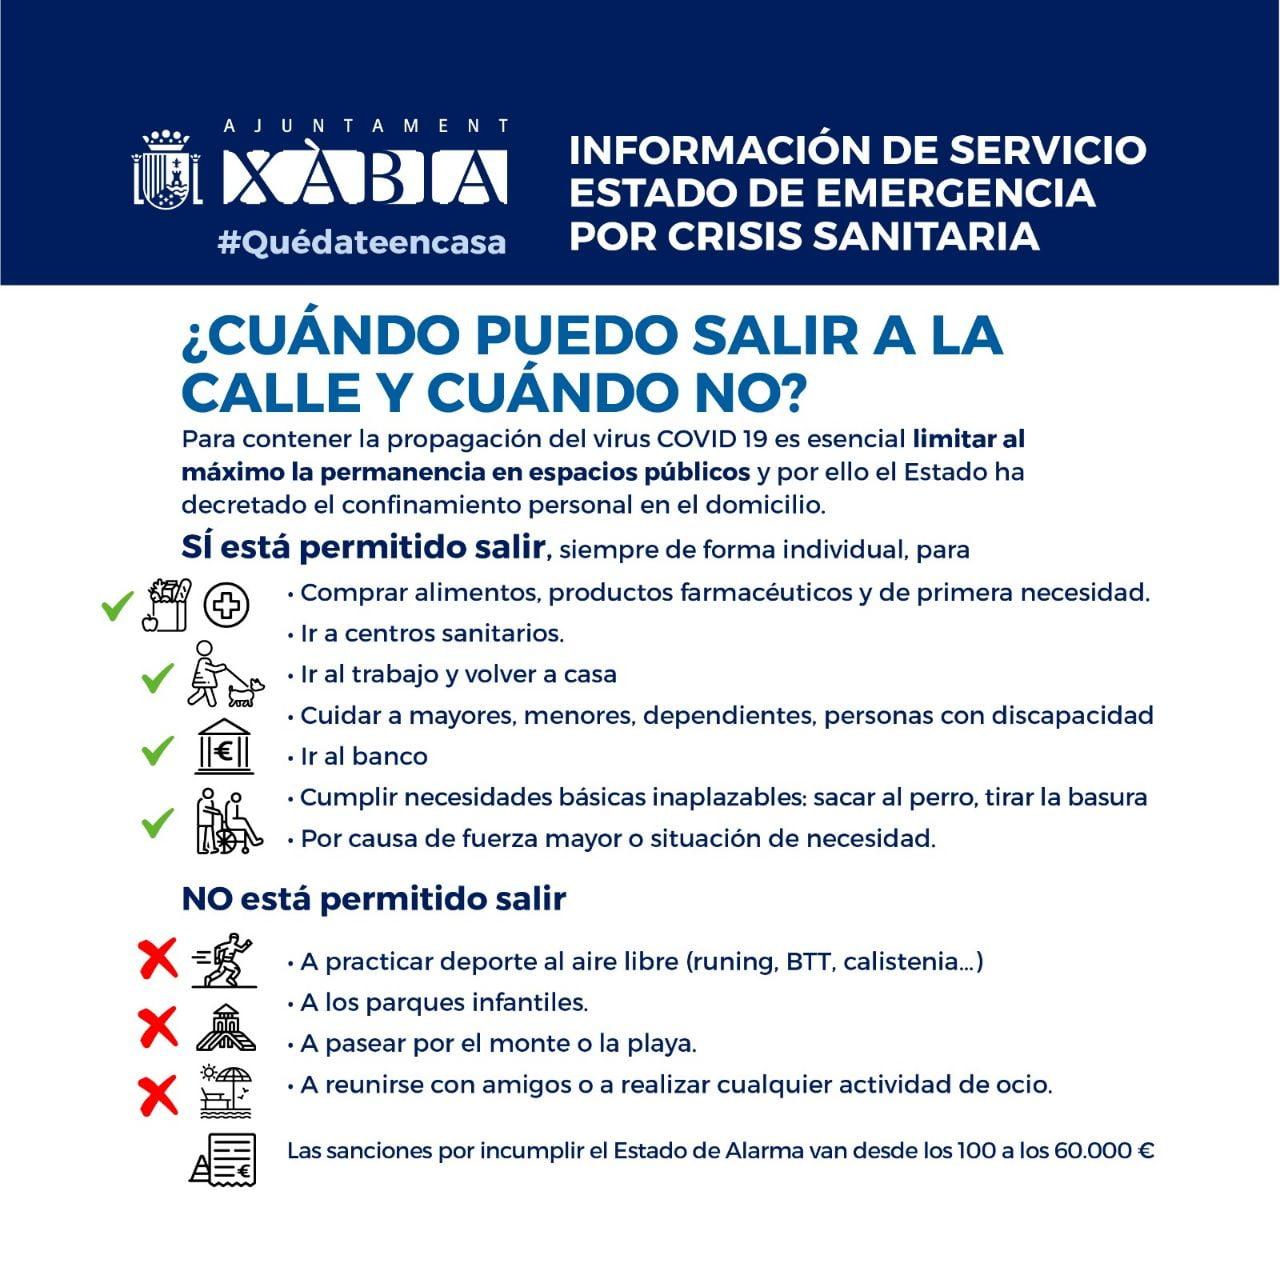 Información de servicio ciudadano